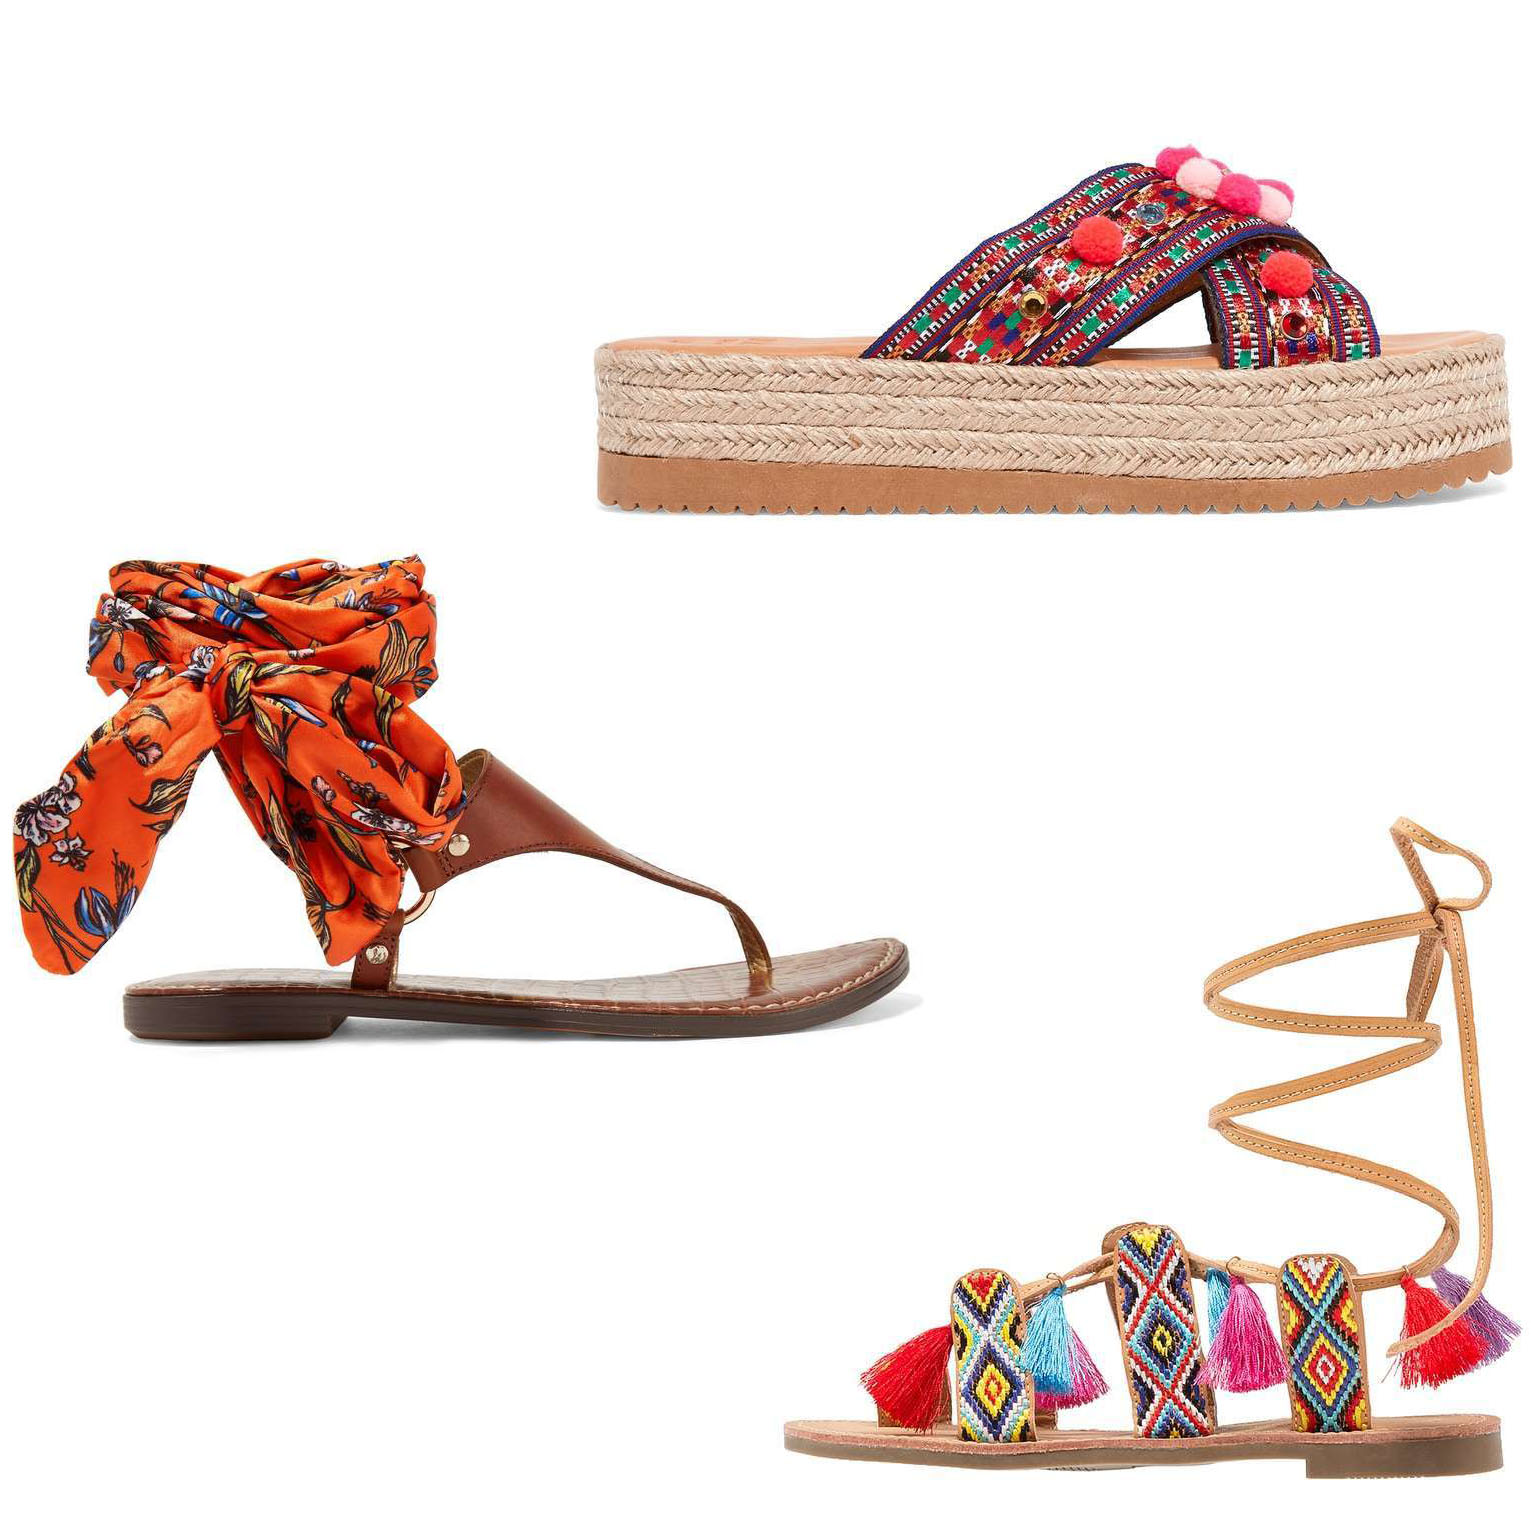 Scegliere uno stile etnico - summer 2017 - Eniwhere Fashion